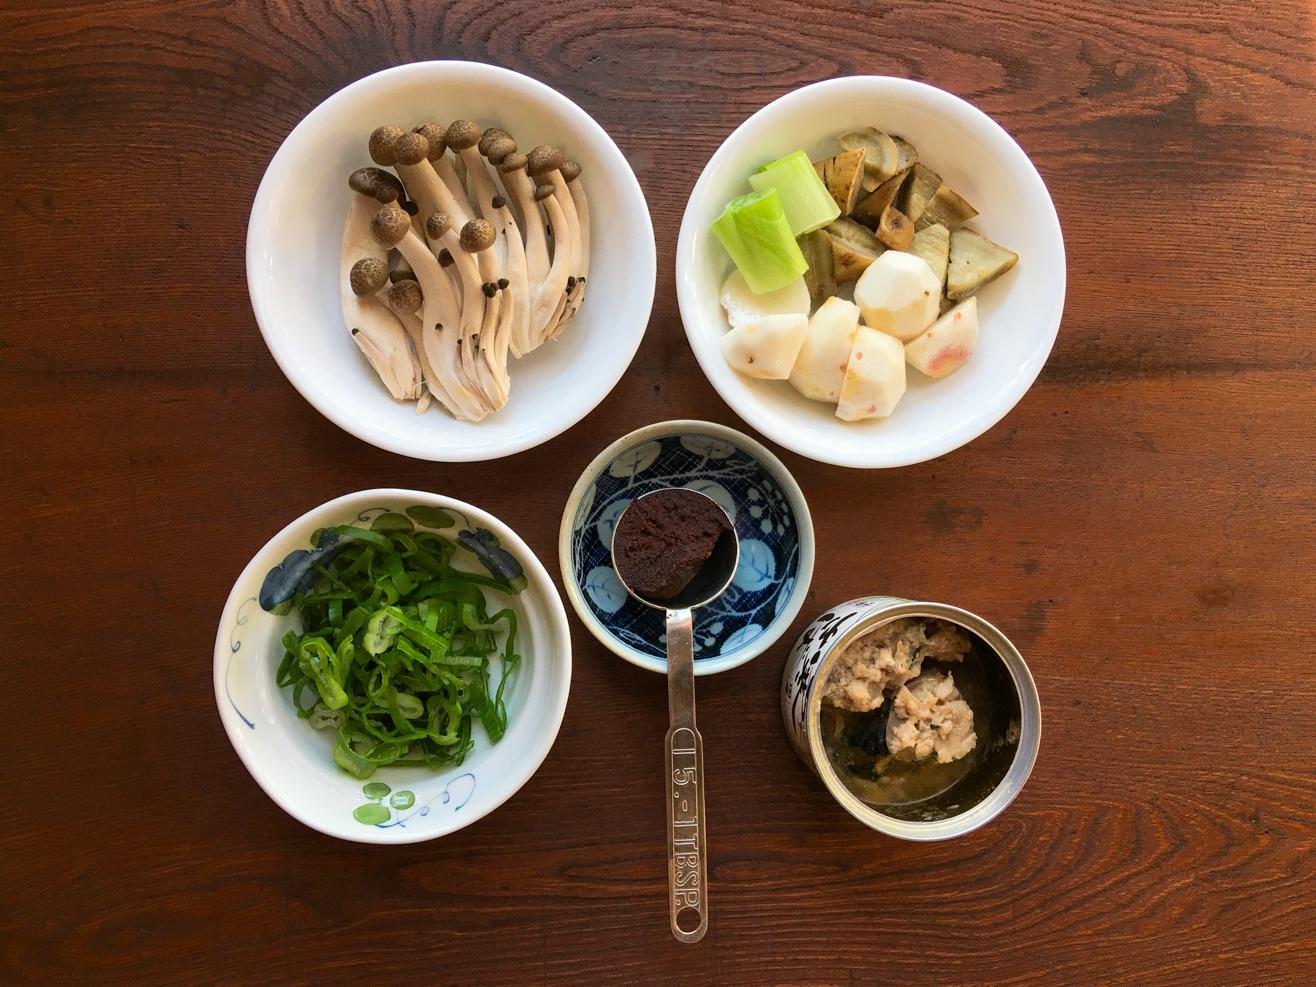 鯖缶みそ汁ごぼうと里芋の材料の写真